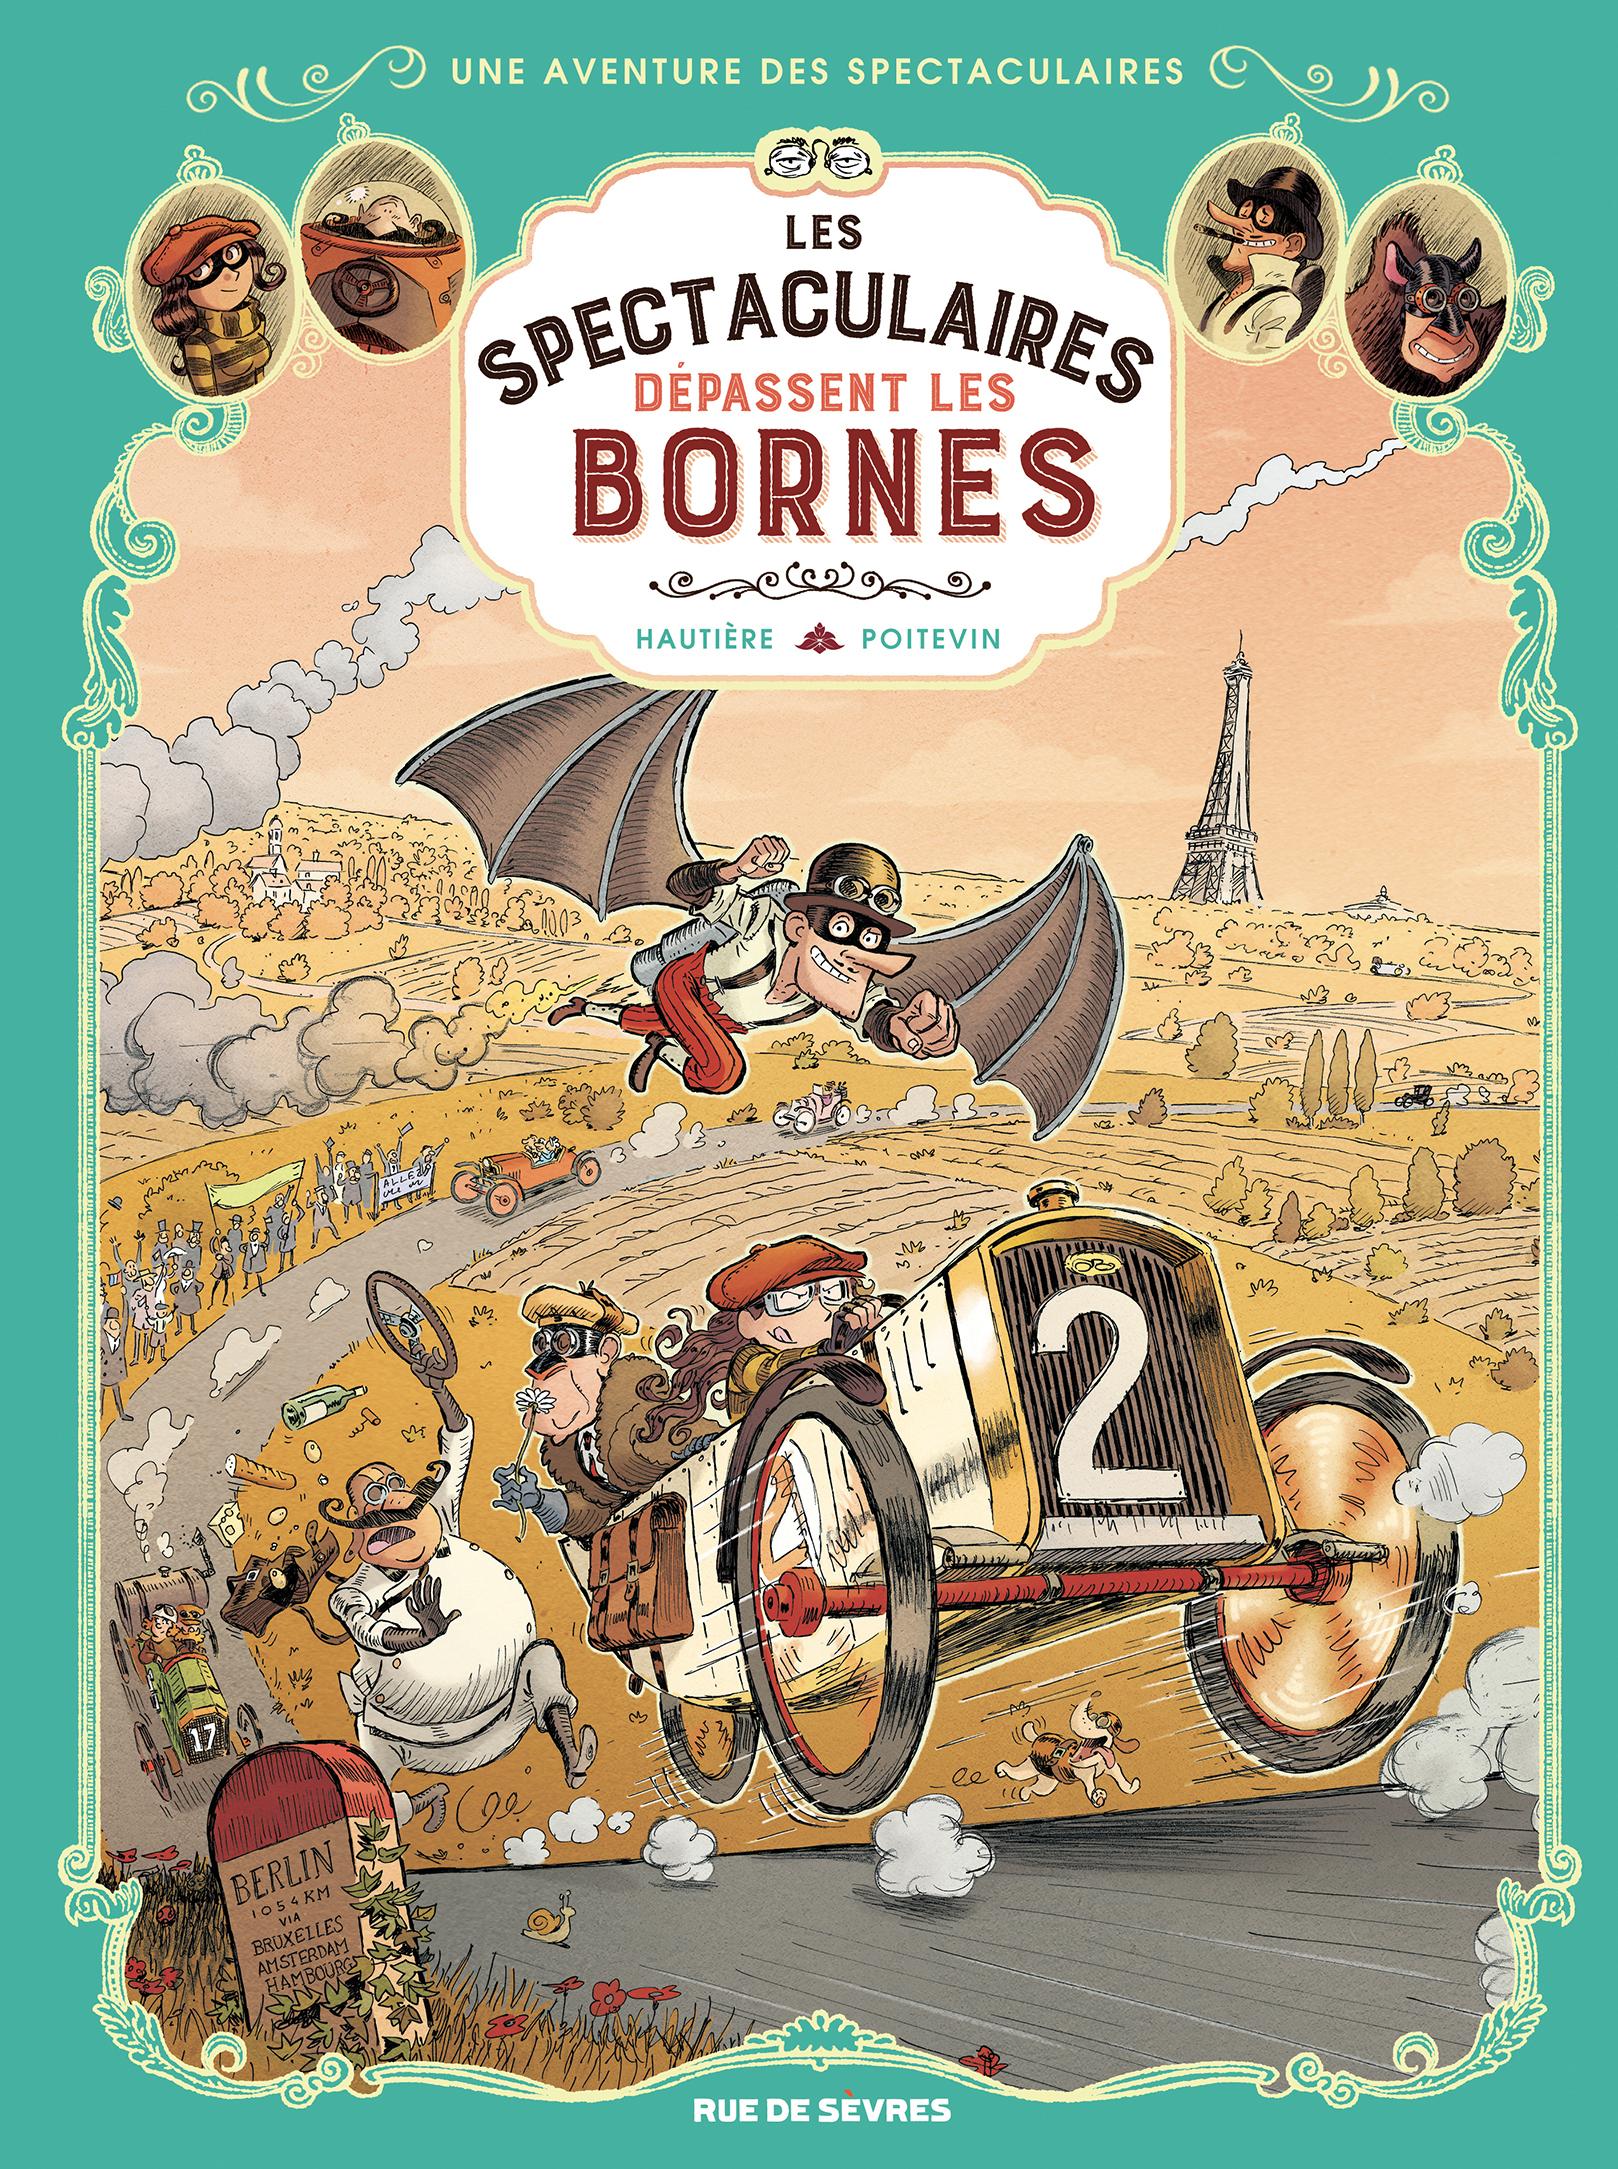 SPECTACULAIRES TOME 4 (LES) - LES SPECTACULAIRES DEPASSENT LES BORNES